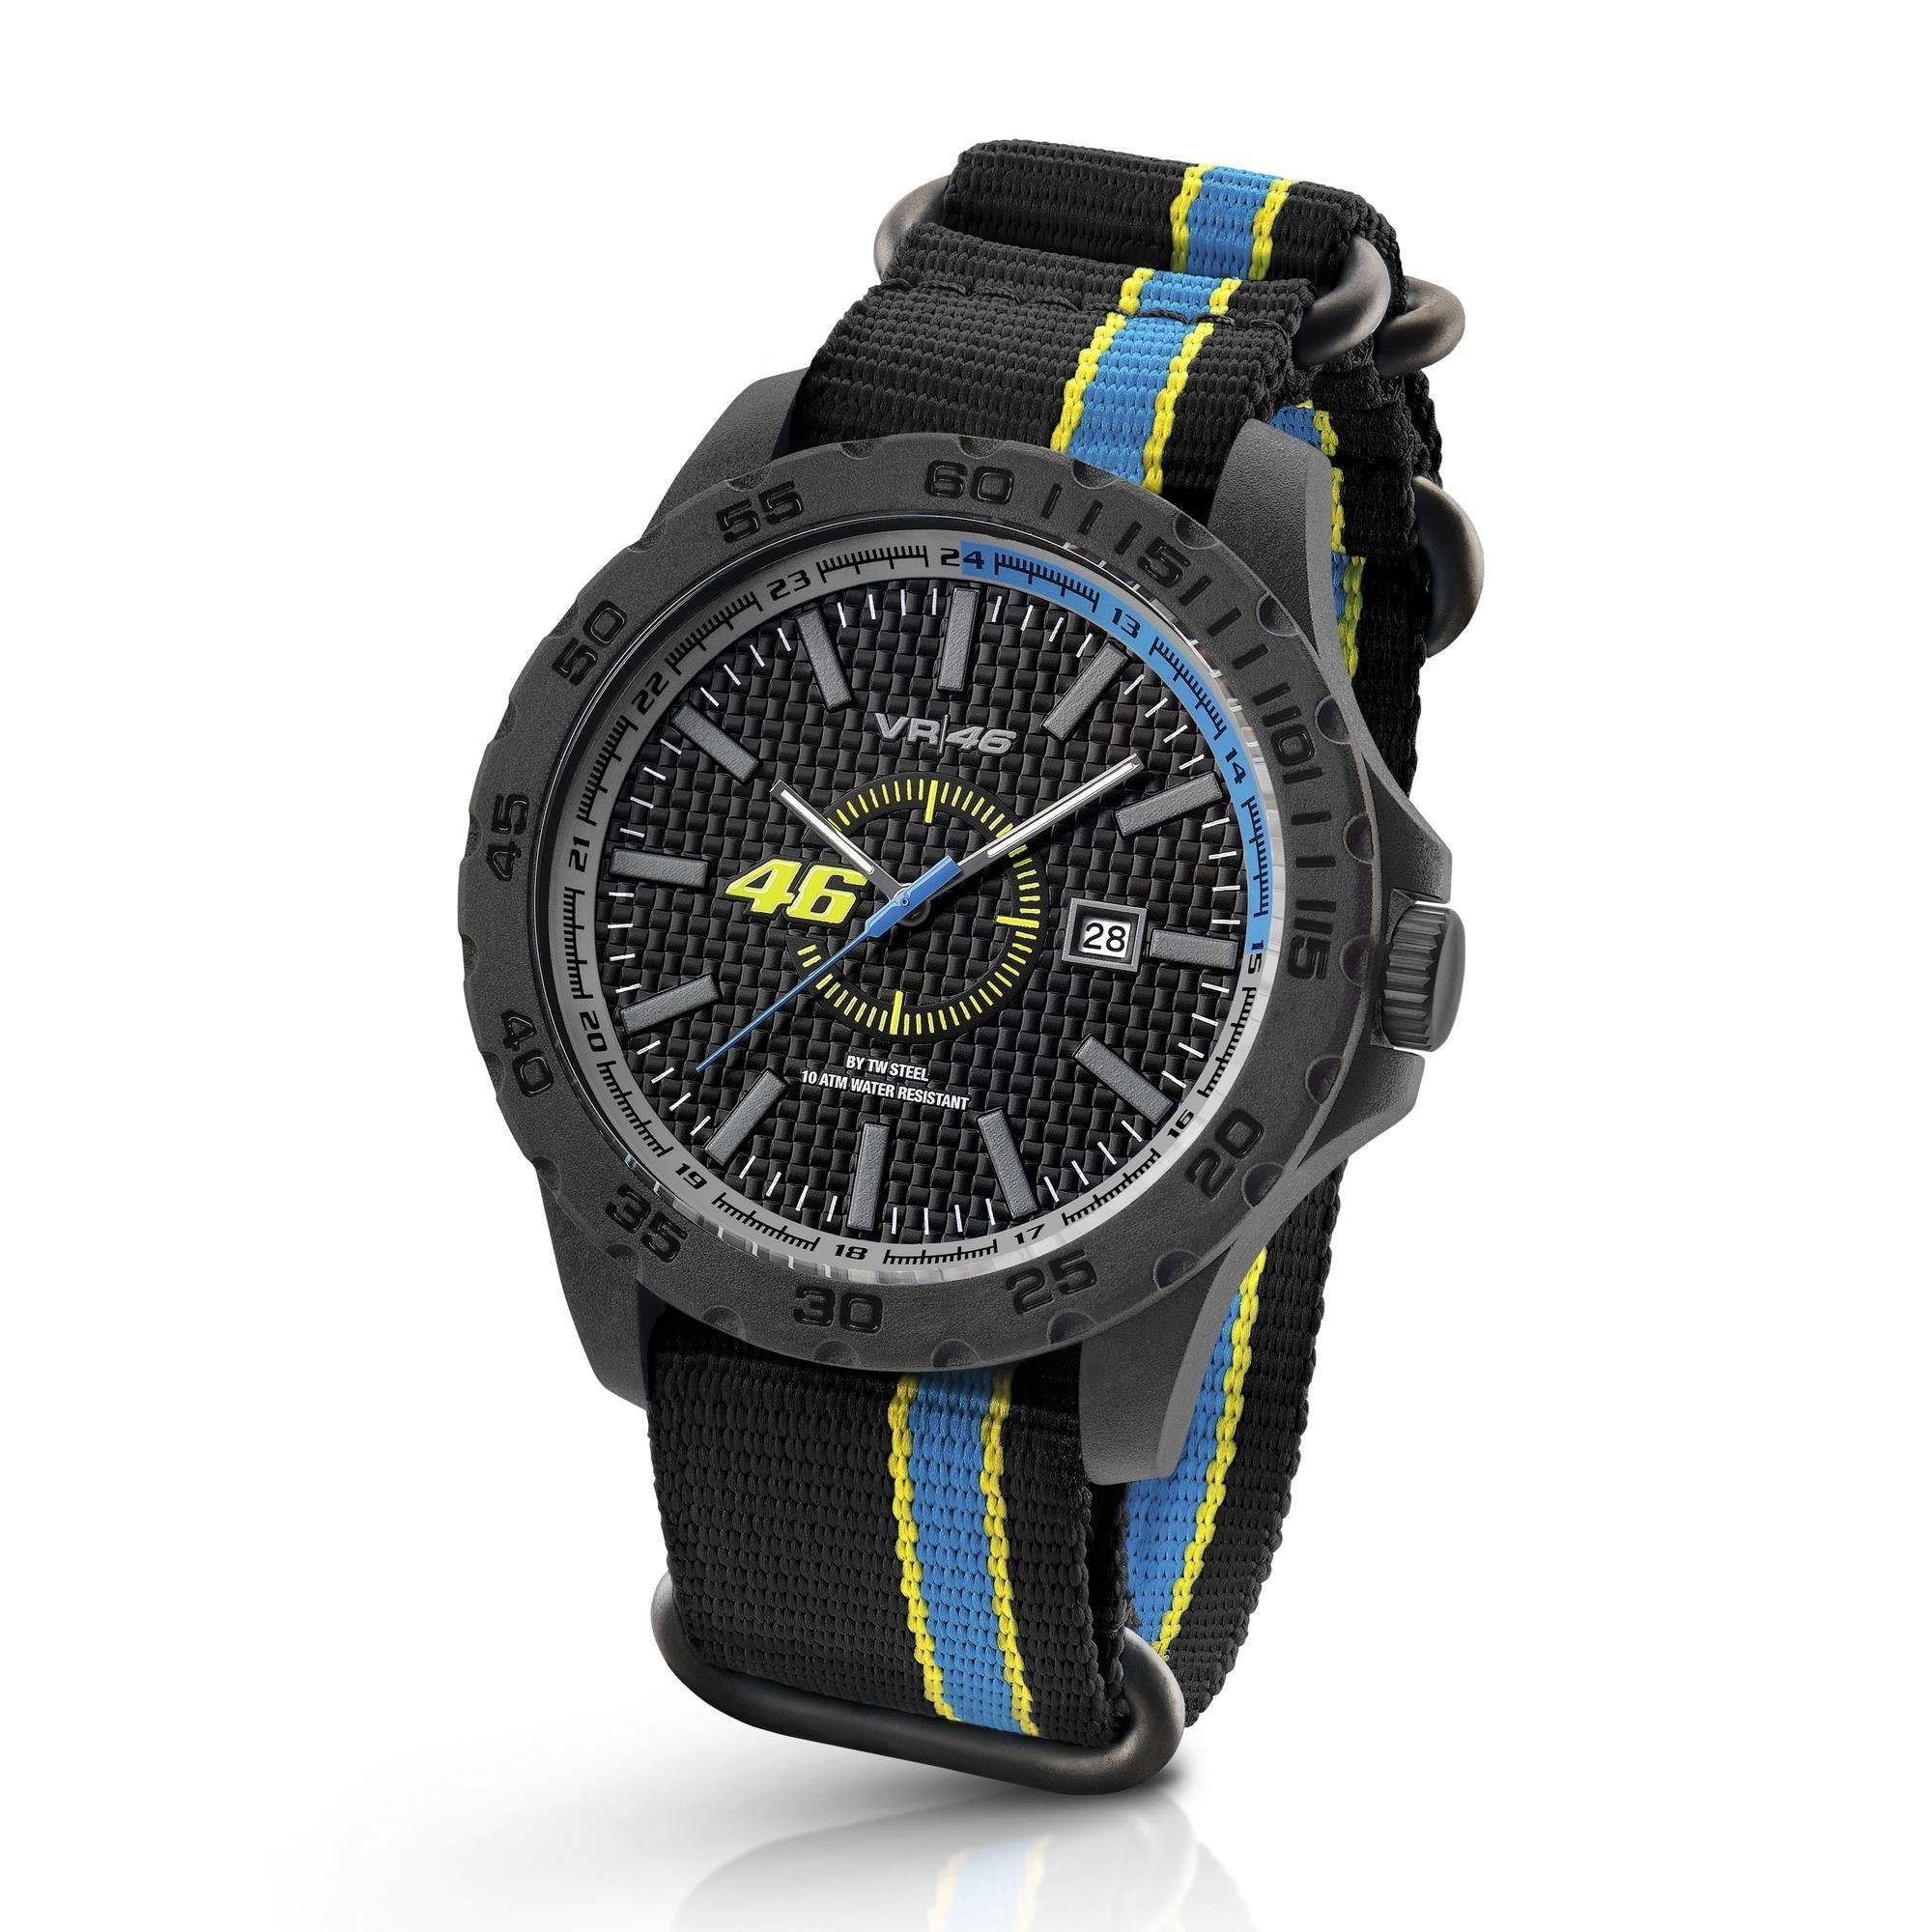 Reloj de pulsera VR46 Edition, de TW Steel®